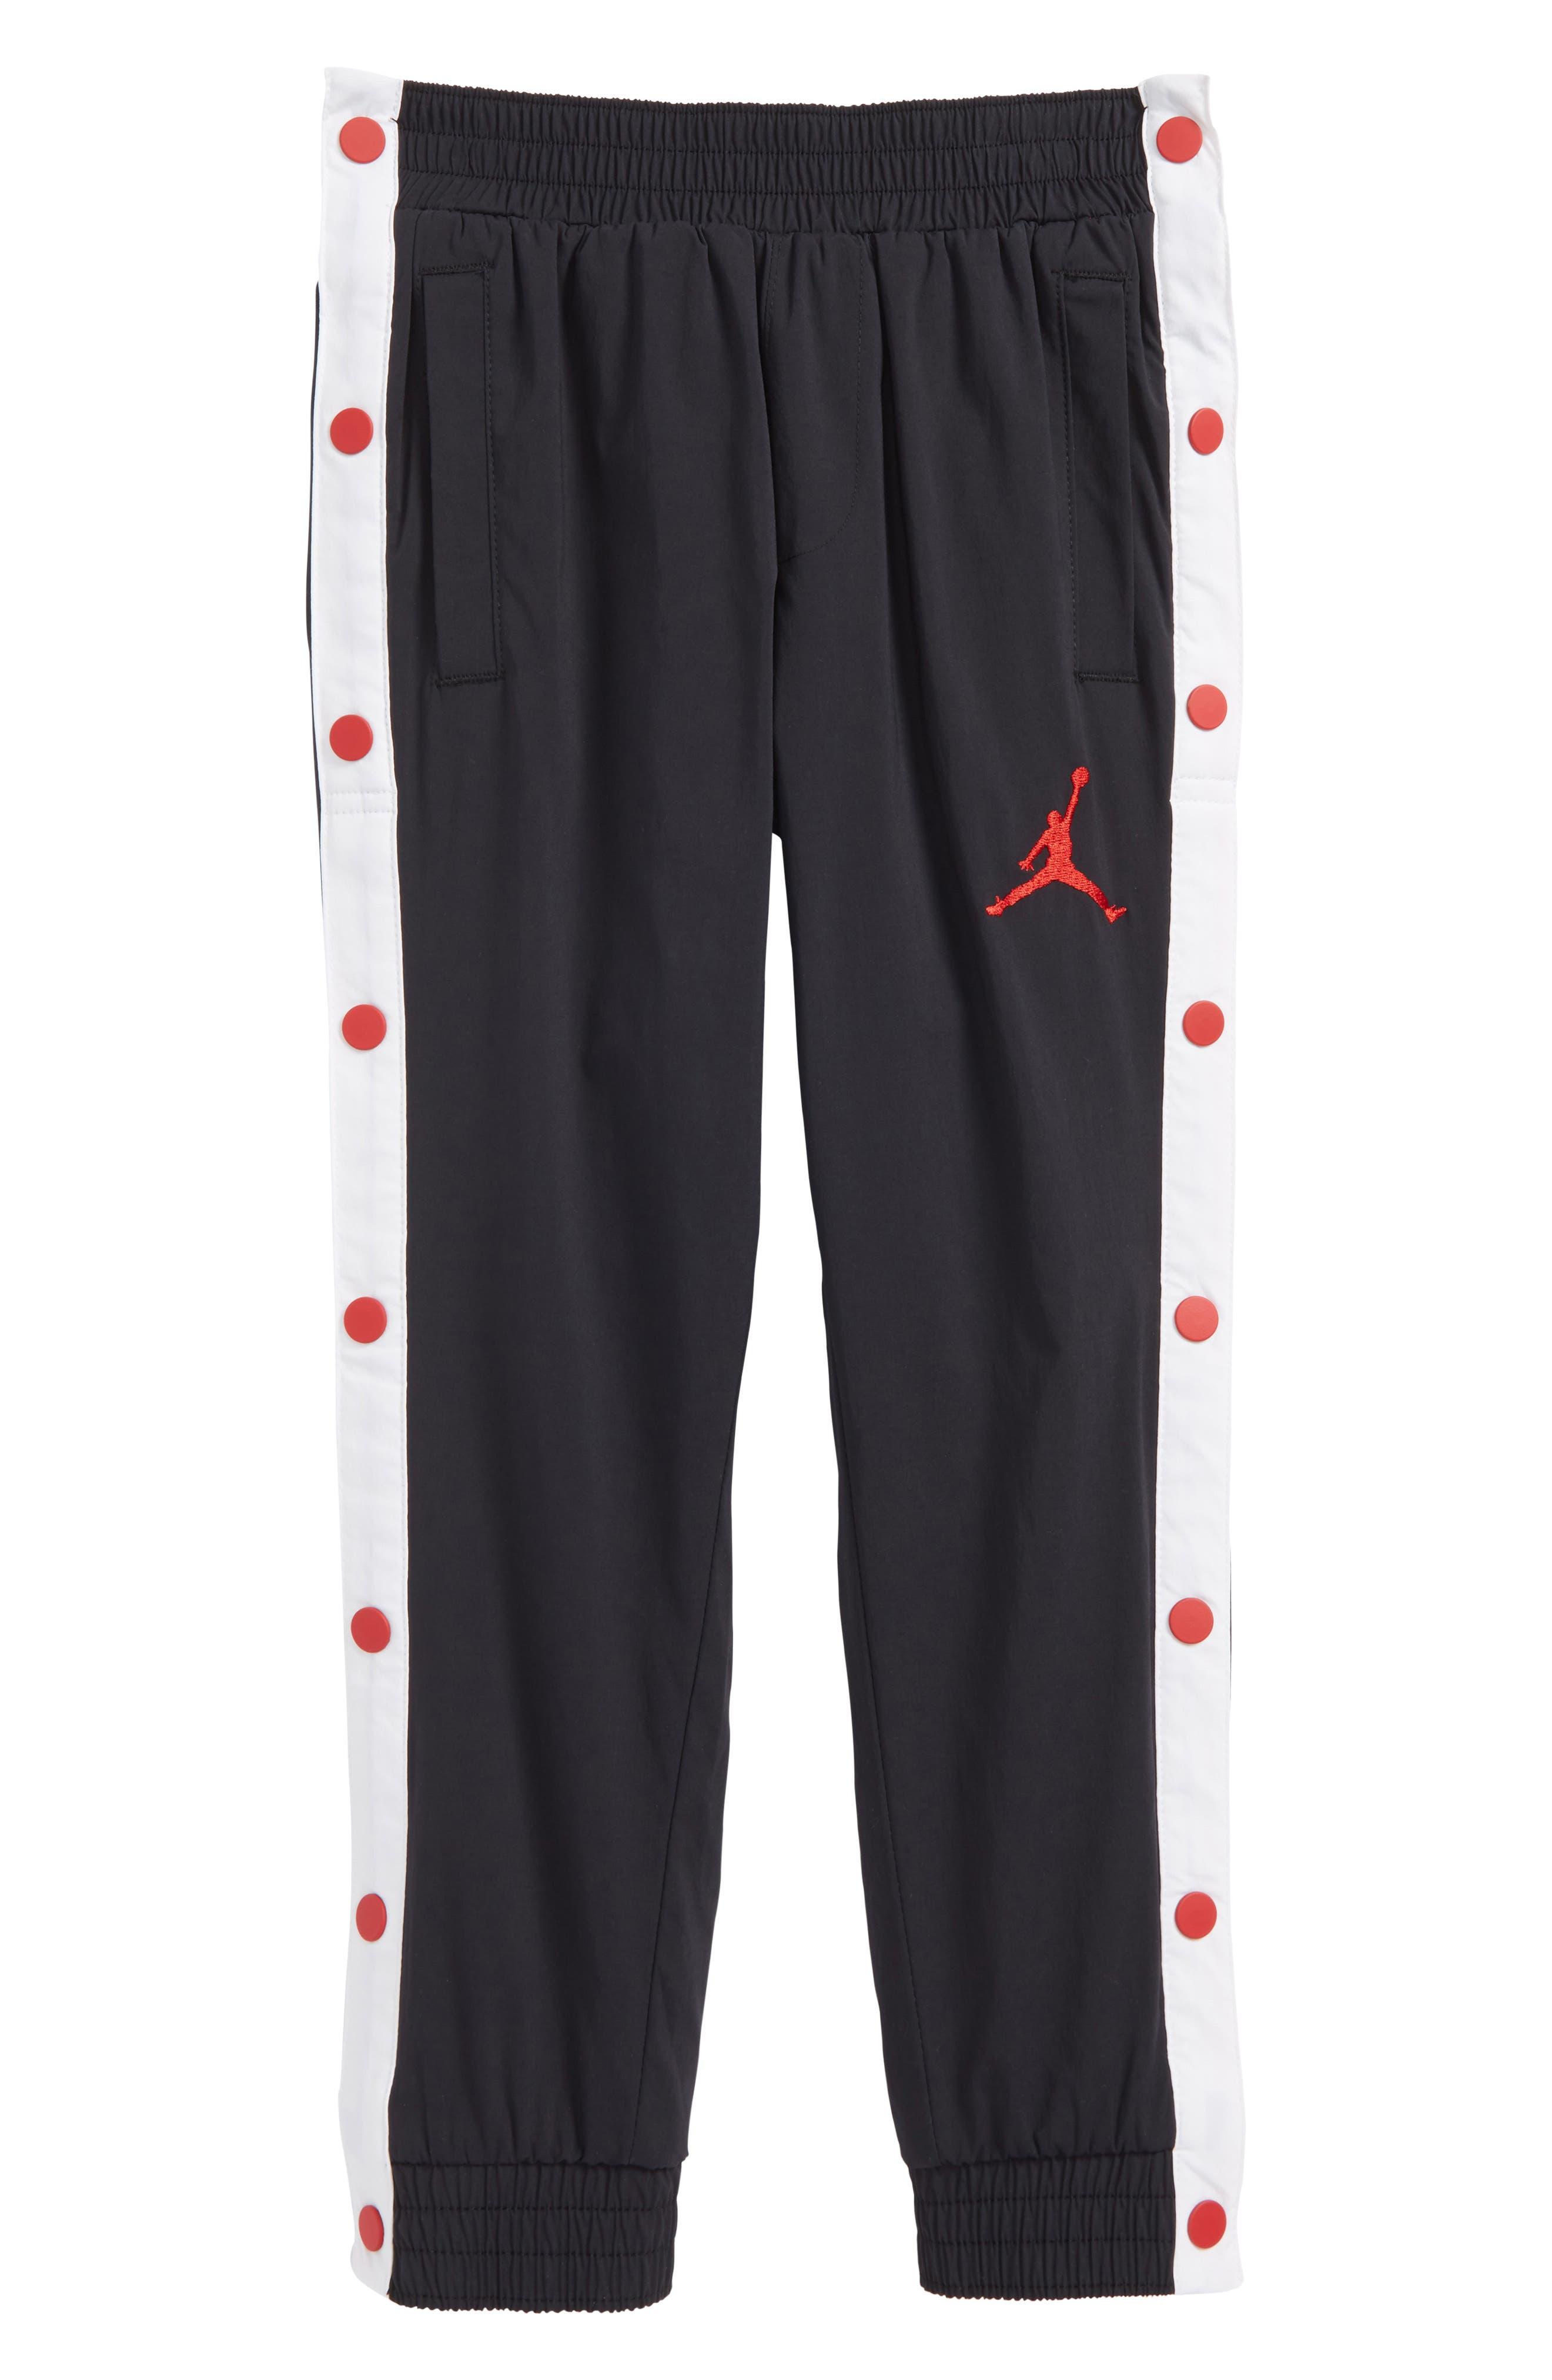 Jordan AJ '90s Snapaway Sweatpants,                             Main thumbnail 1, color,                             Black